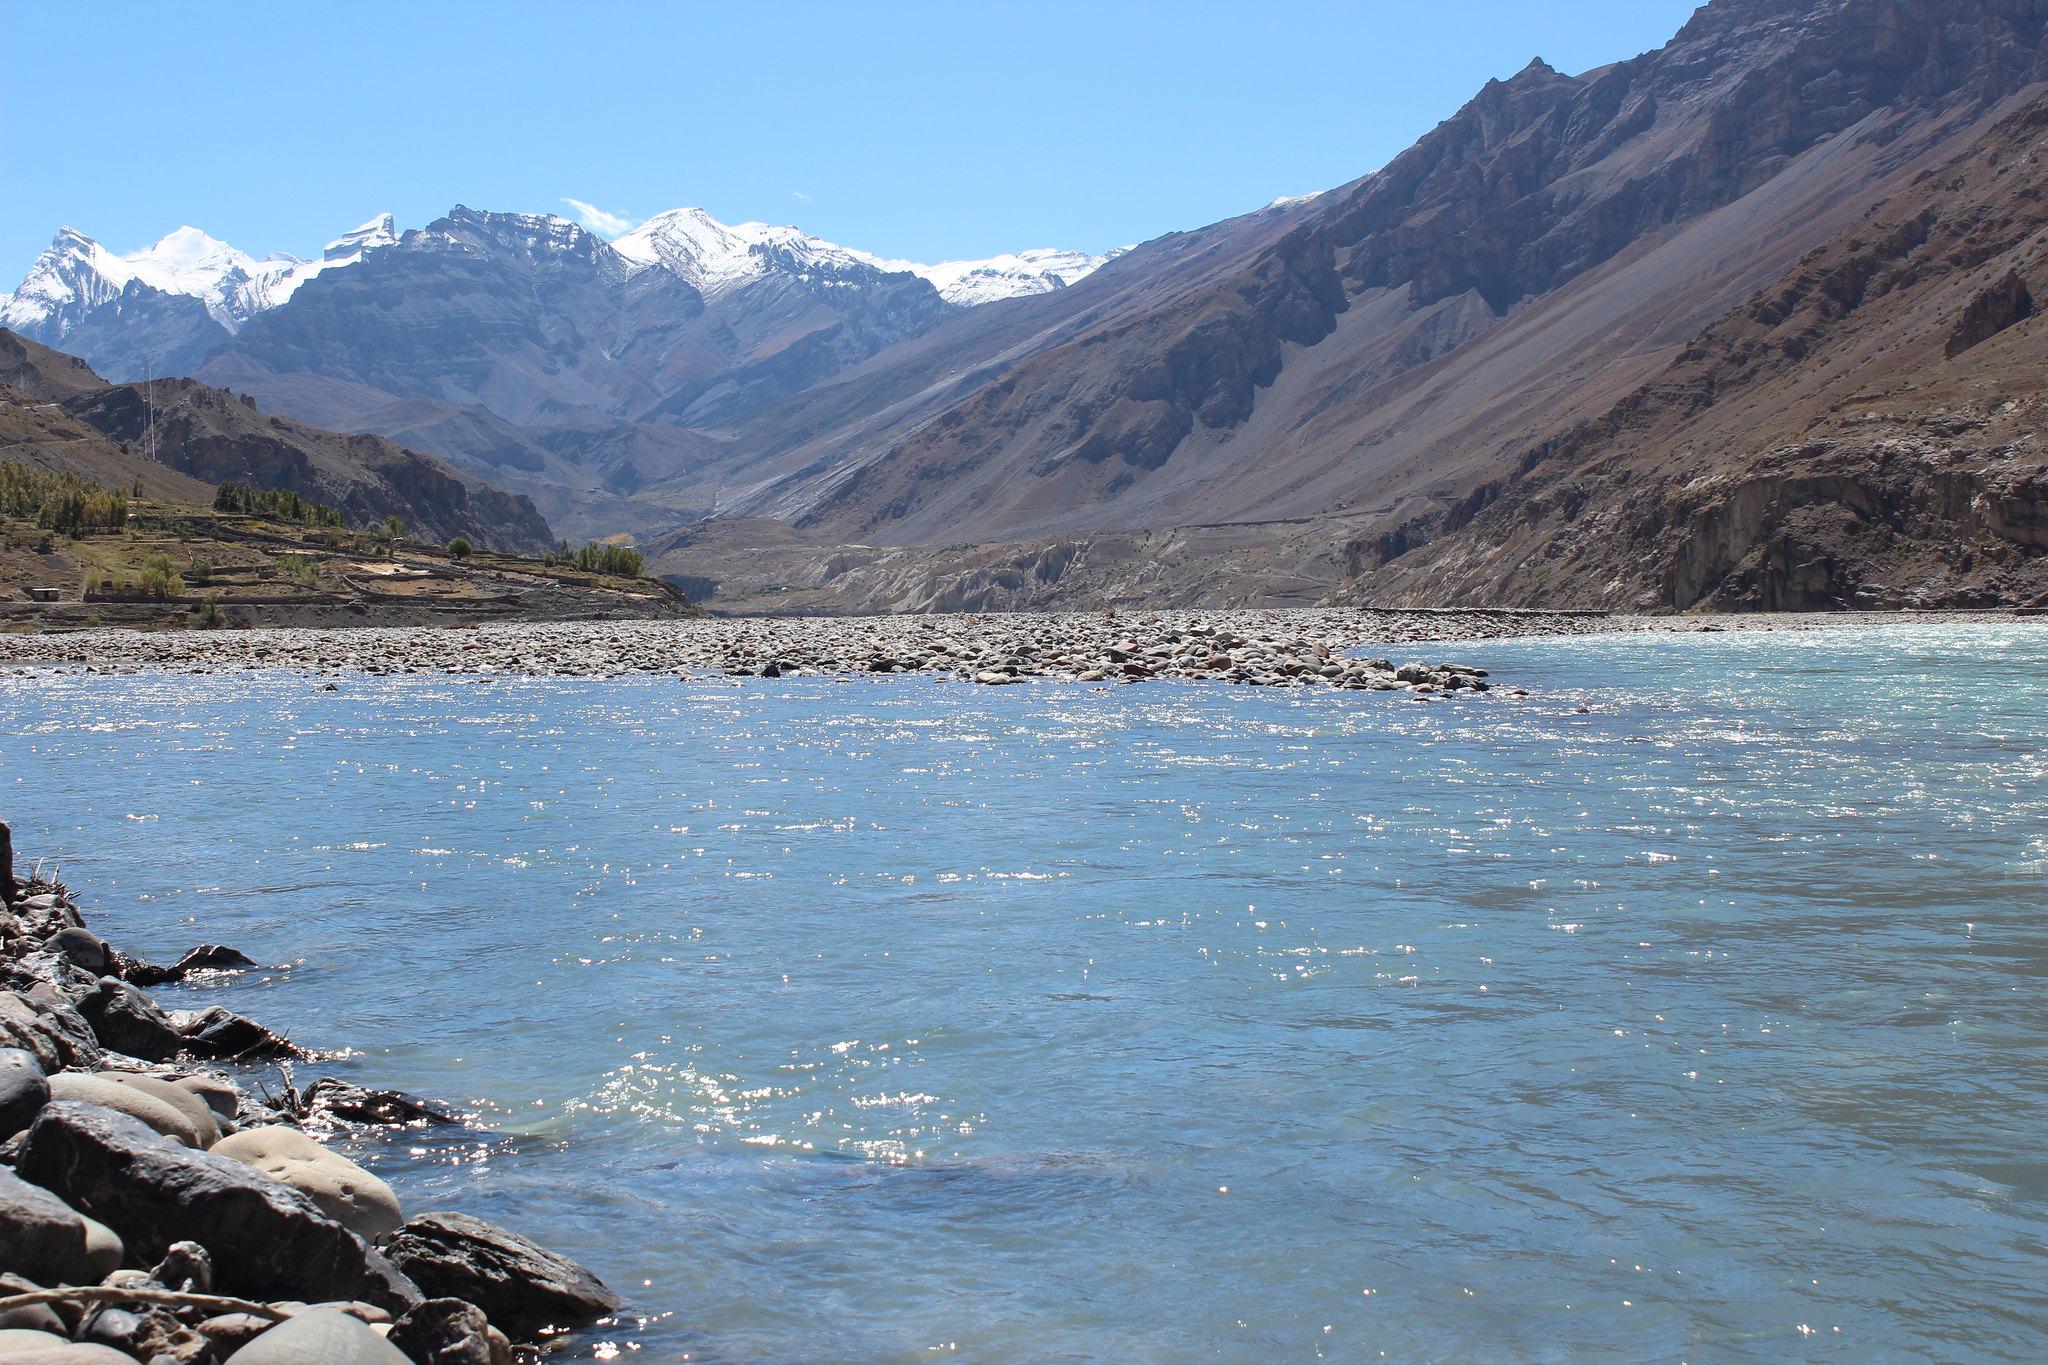 Spiti River